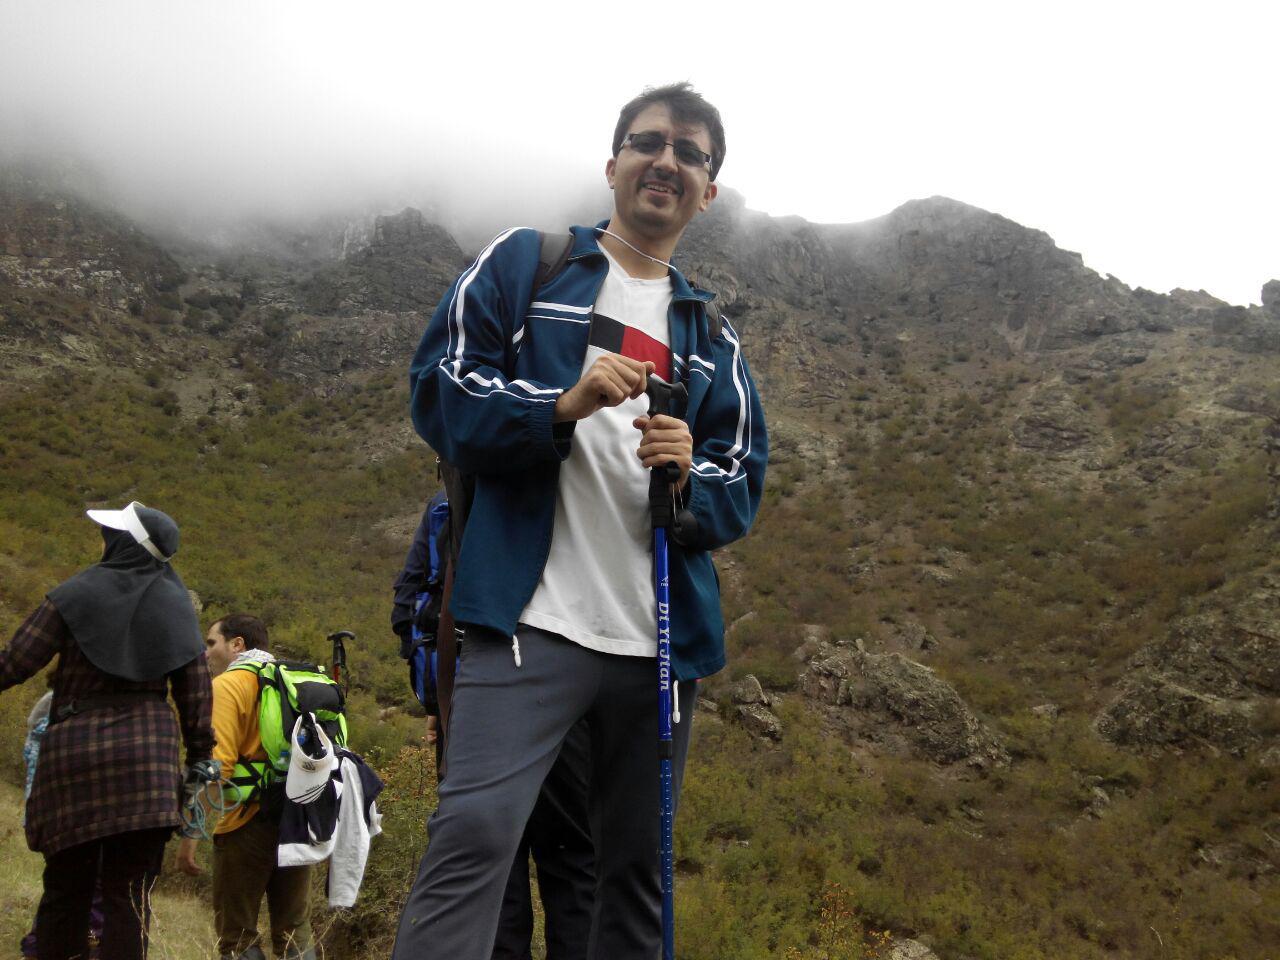 کوه پایه های روستای گردشگری آنزر